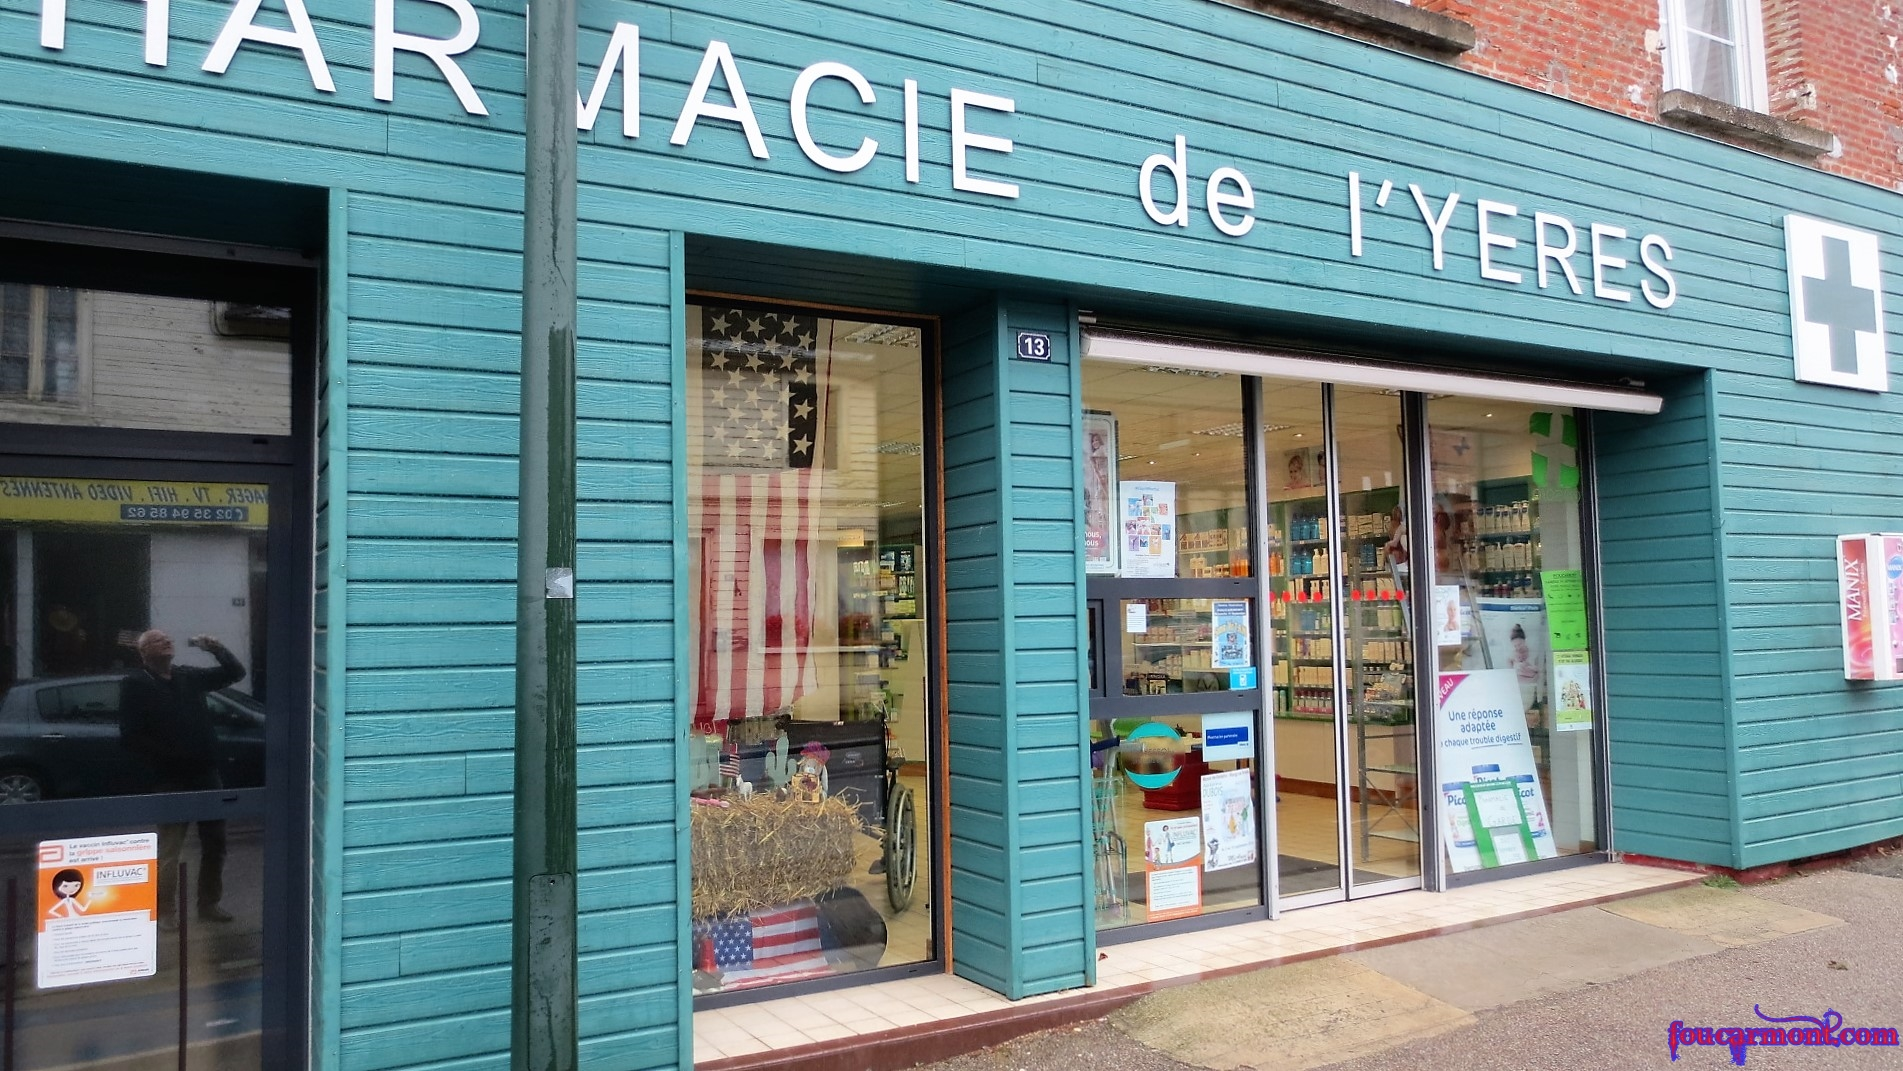 Pharmacie de l'Yères